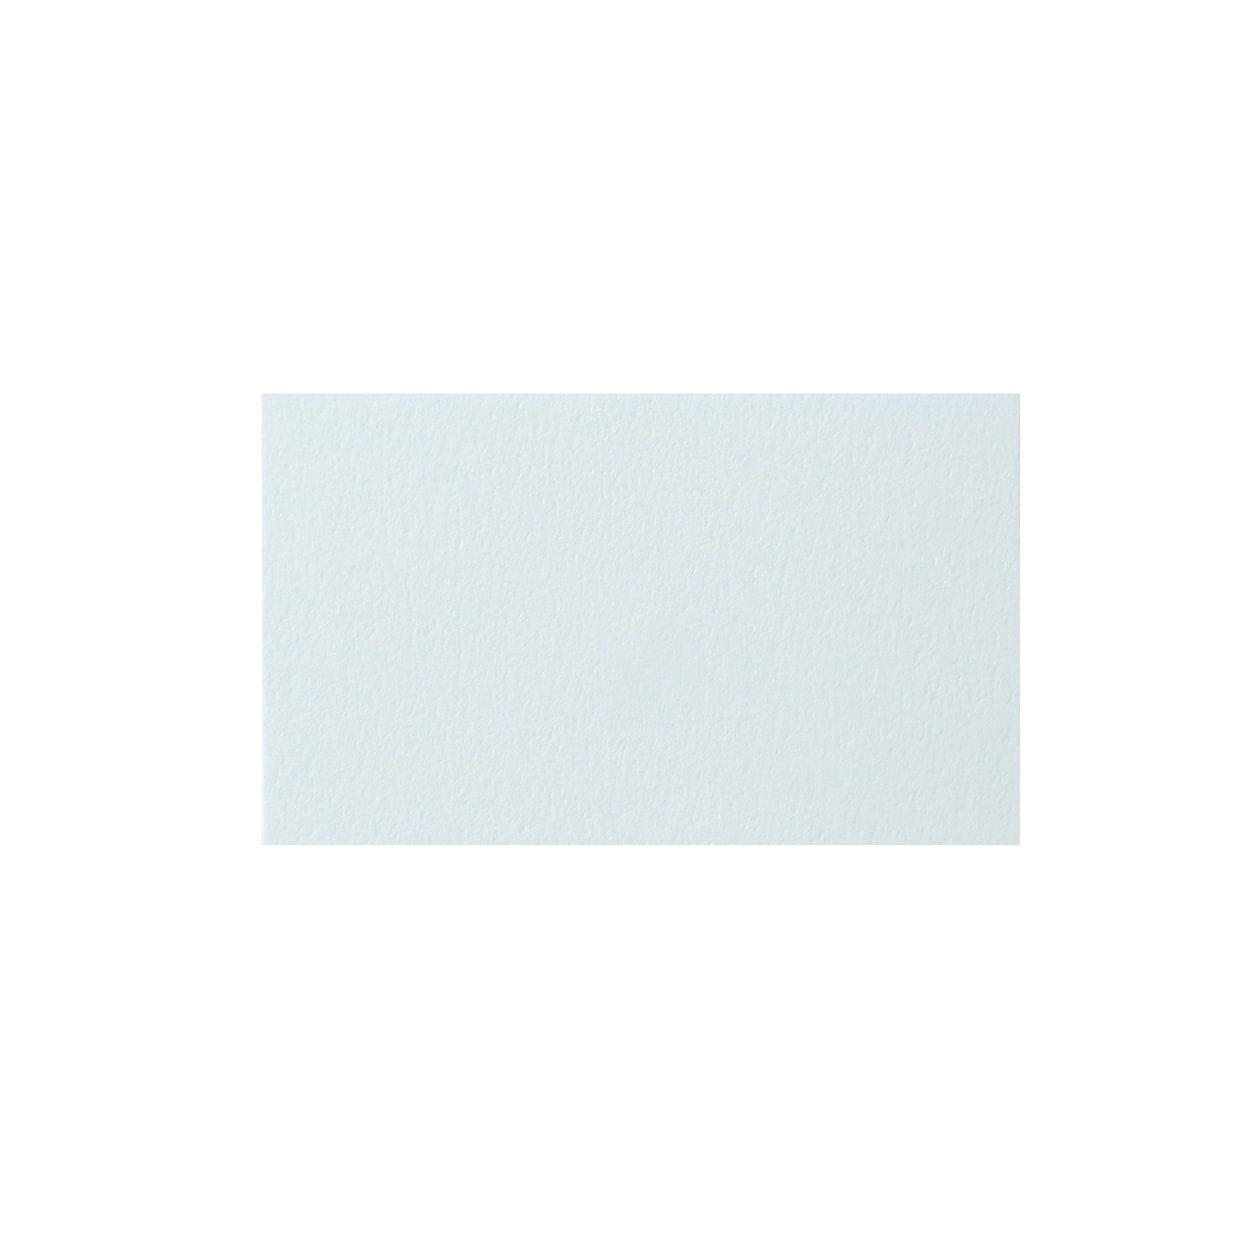 ネームカード ニューラグリン スカイ 219.8g